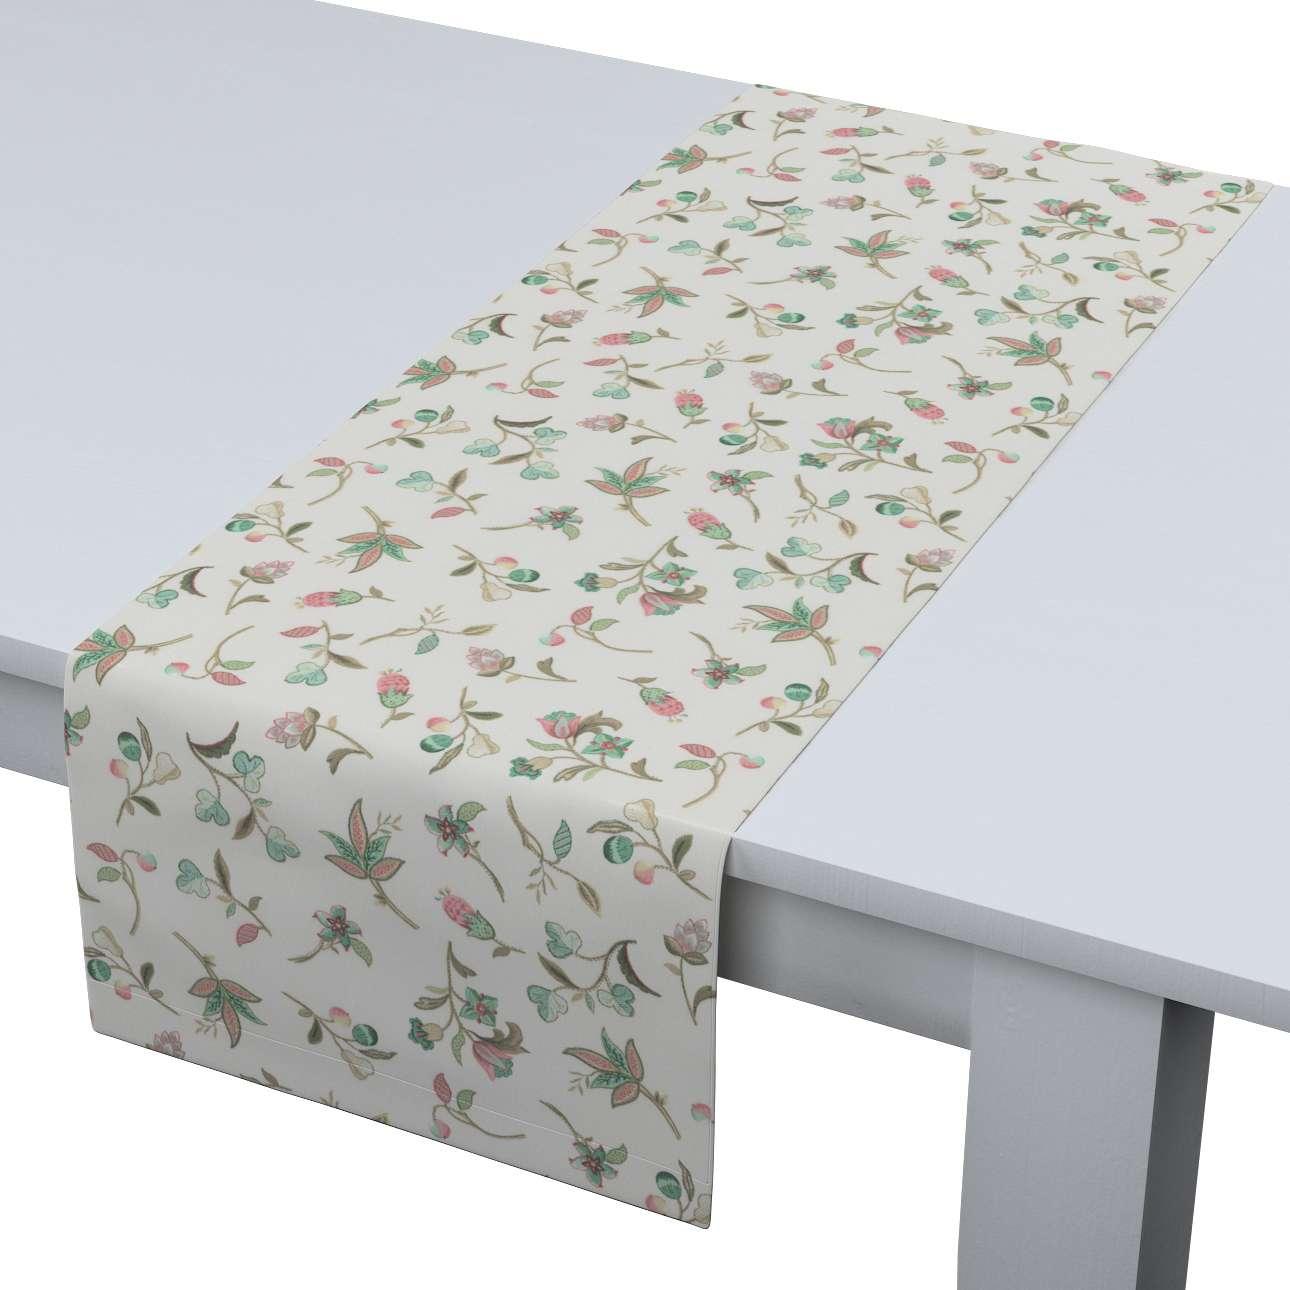 Rechteckiger Tischläufer 40 x 130 cm von der Kollektion Londres, Stoff: 122-02